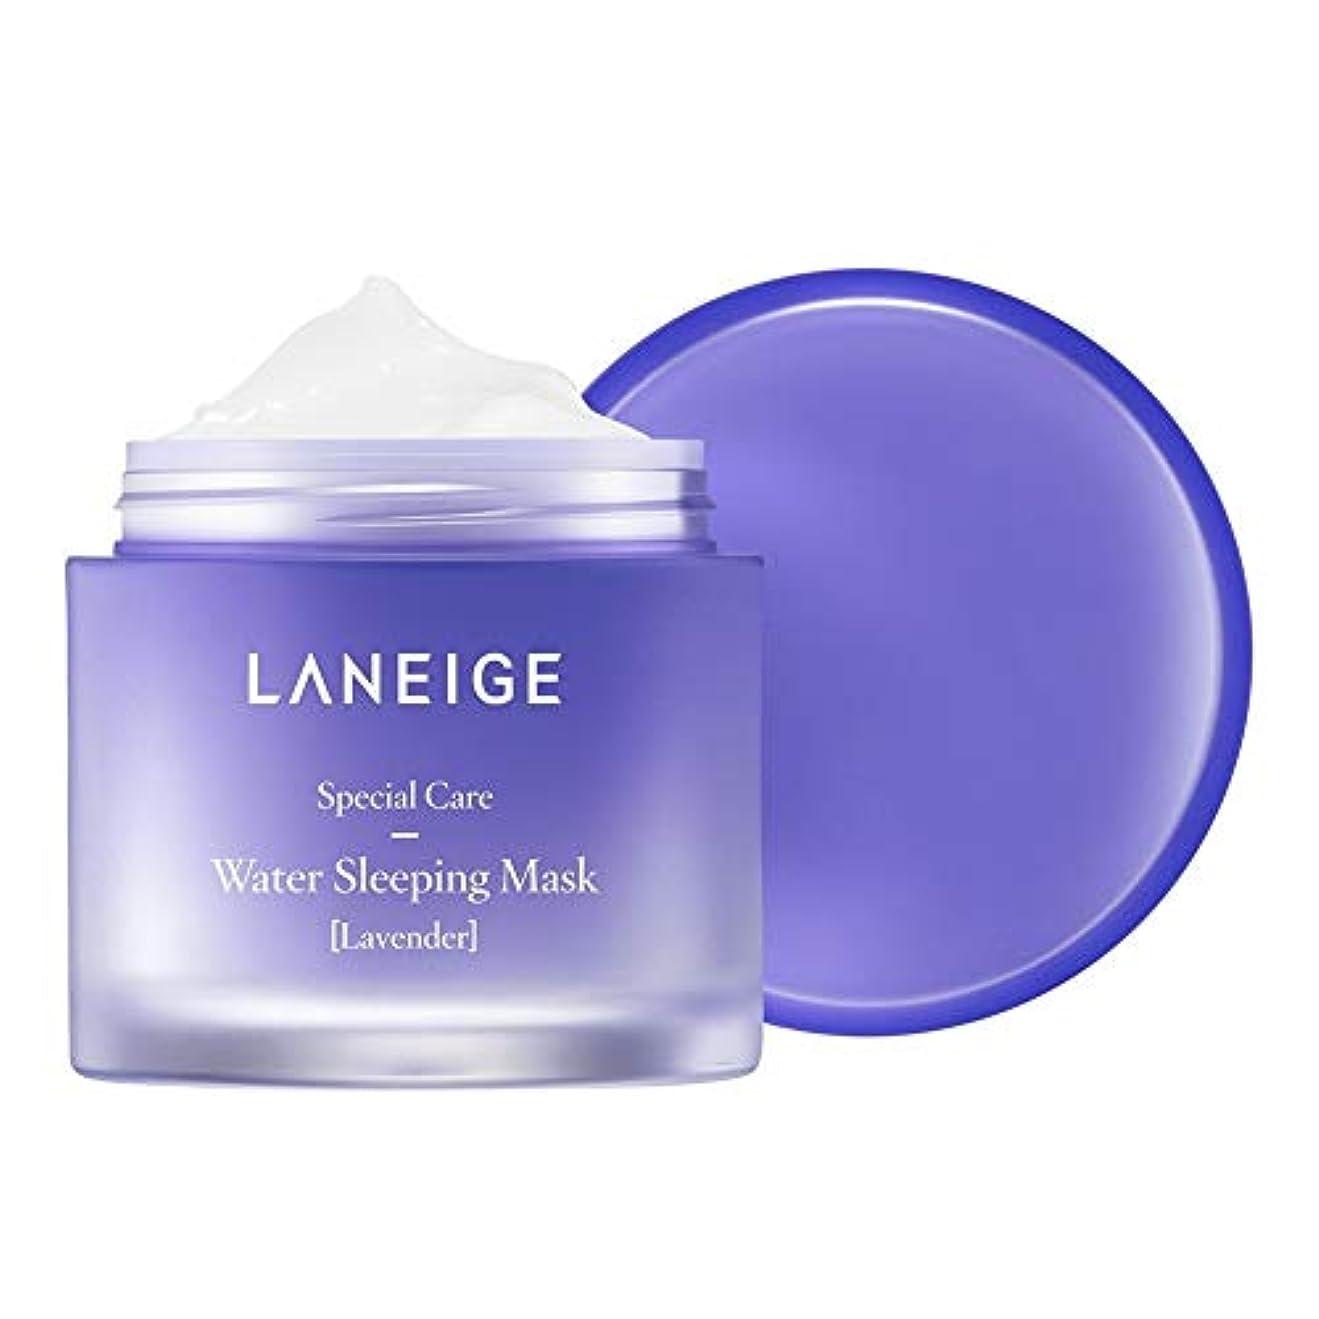 苦情文句ペイント気楽なLANEIGE ラネージュ ウォータースリーピング マスク ラベンダー2017 New リフィルミーバージョン 70ml Water Sleeping Mask 2017 Lavender [海外直送品]